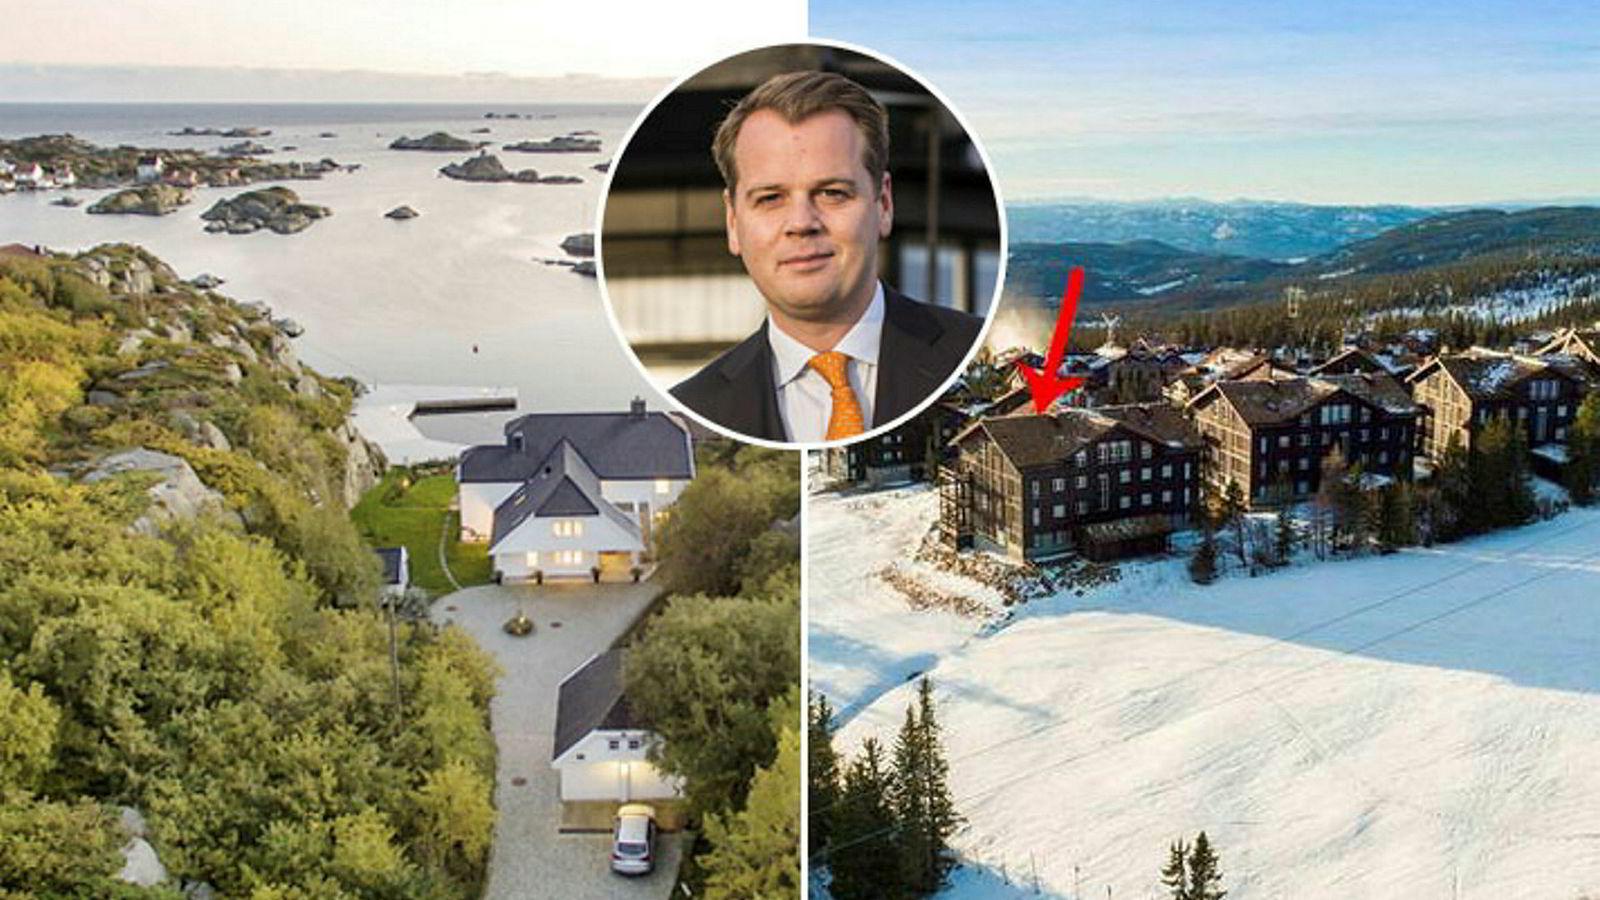 Frontline-sjef Robert Hvide Macleod har kjøpt sterkt rabatterte fritidsboliger for til sammen 41,25 millioner kroner i høst.